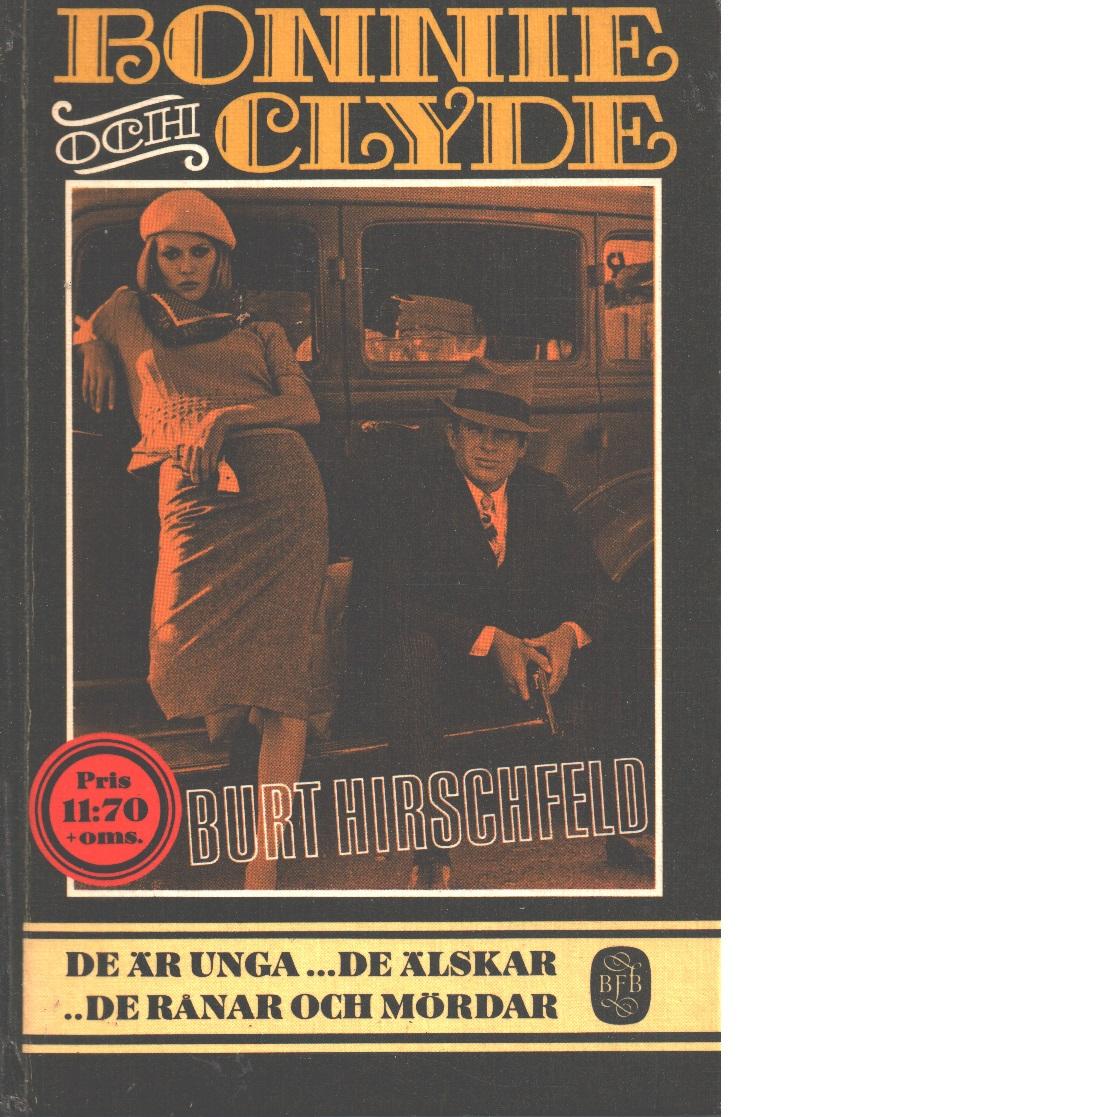 Bonnie och Clyde - Hirschfeld, Burt